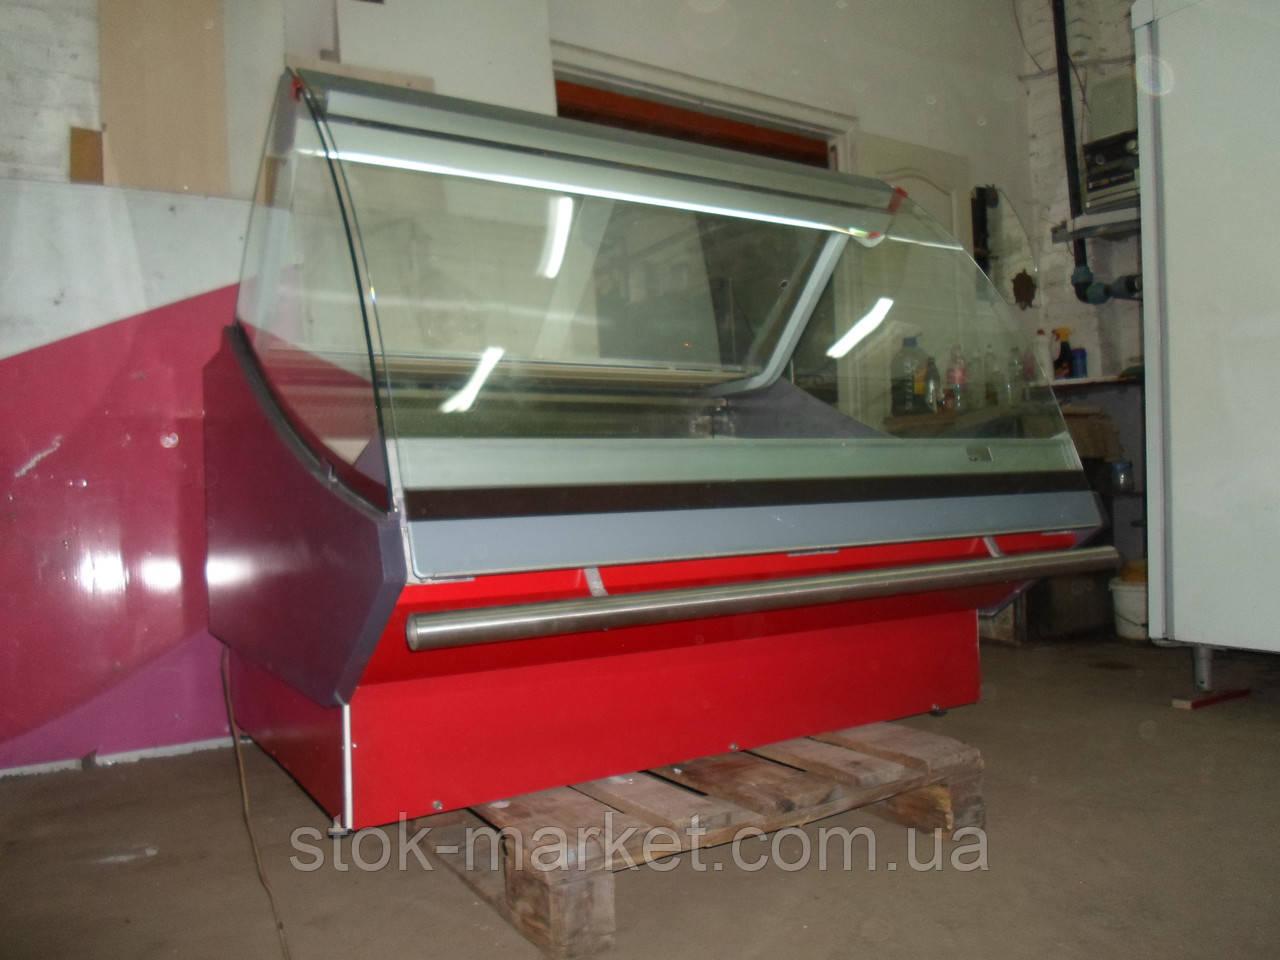 Холодильная витрина б/у Carrier 1,3 м., витрина холодильная б/у, гастрономическая витрина б у, прилавок холоди